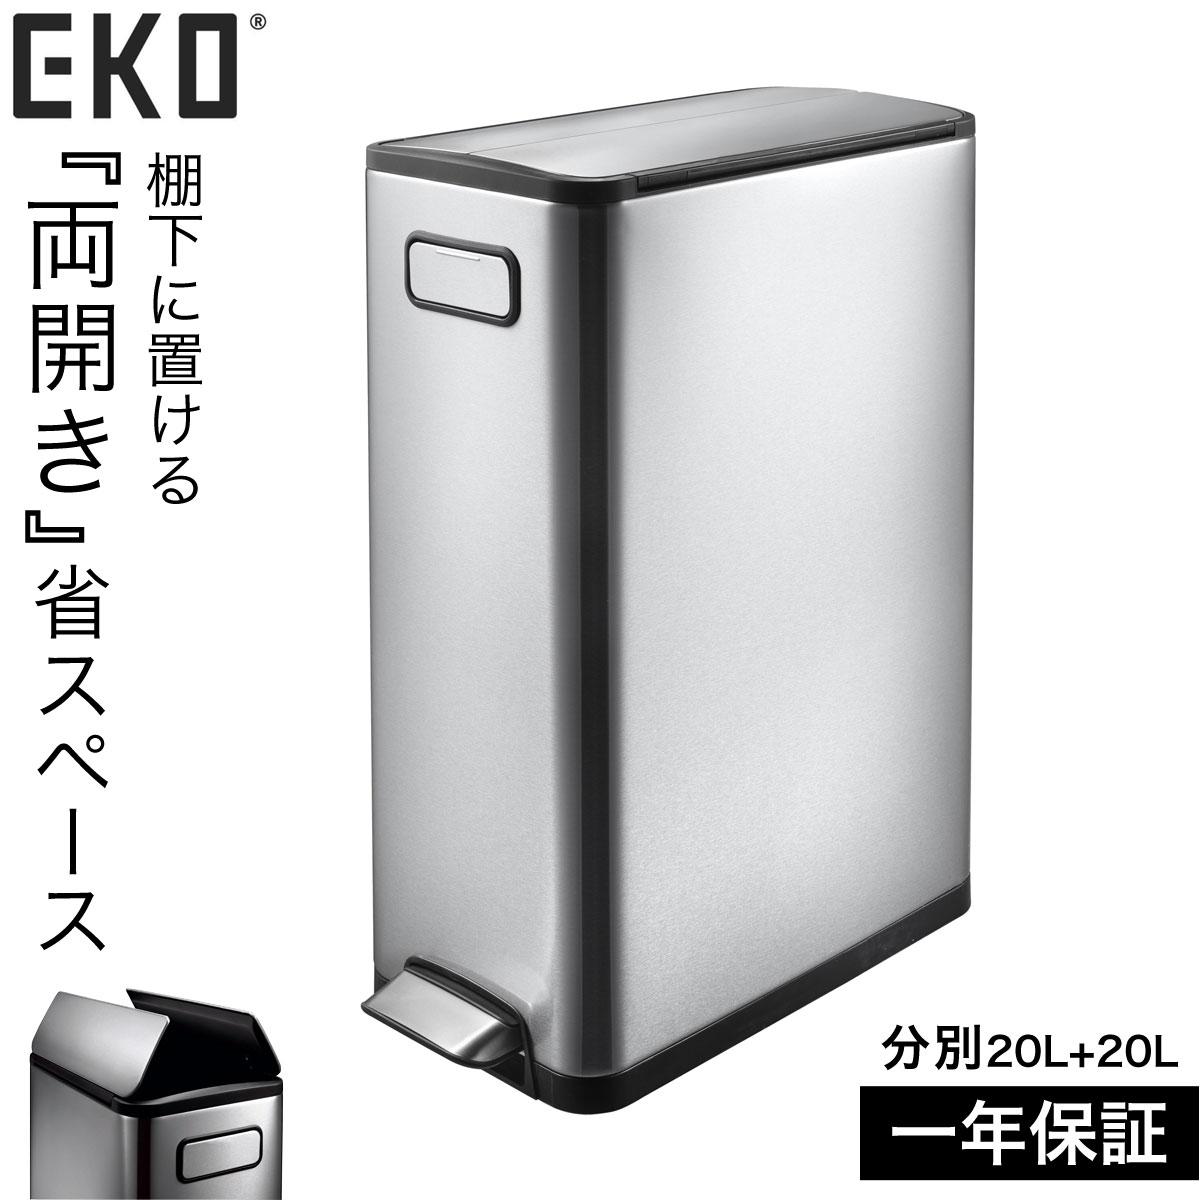 ゴミ箱 ごみ箱 ふた付き ステンレス おしゃれ 分別 40リットル EKO エコフライ ステップビン 20L+20L EK9377MT